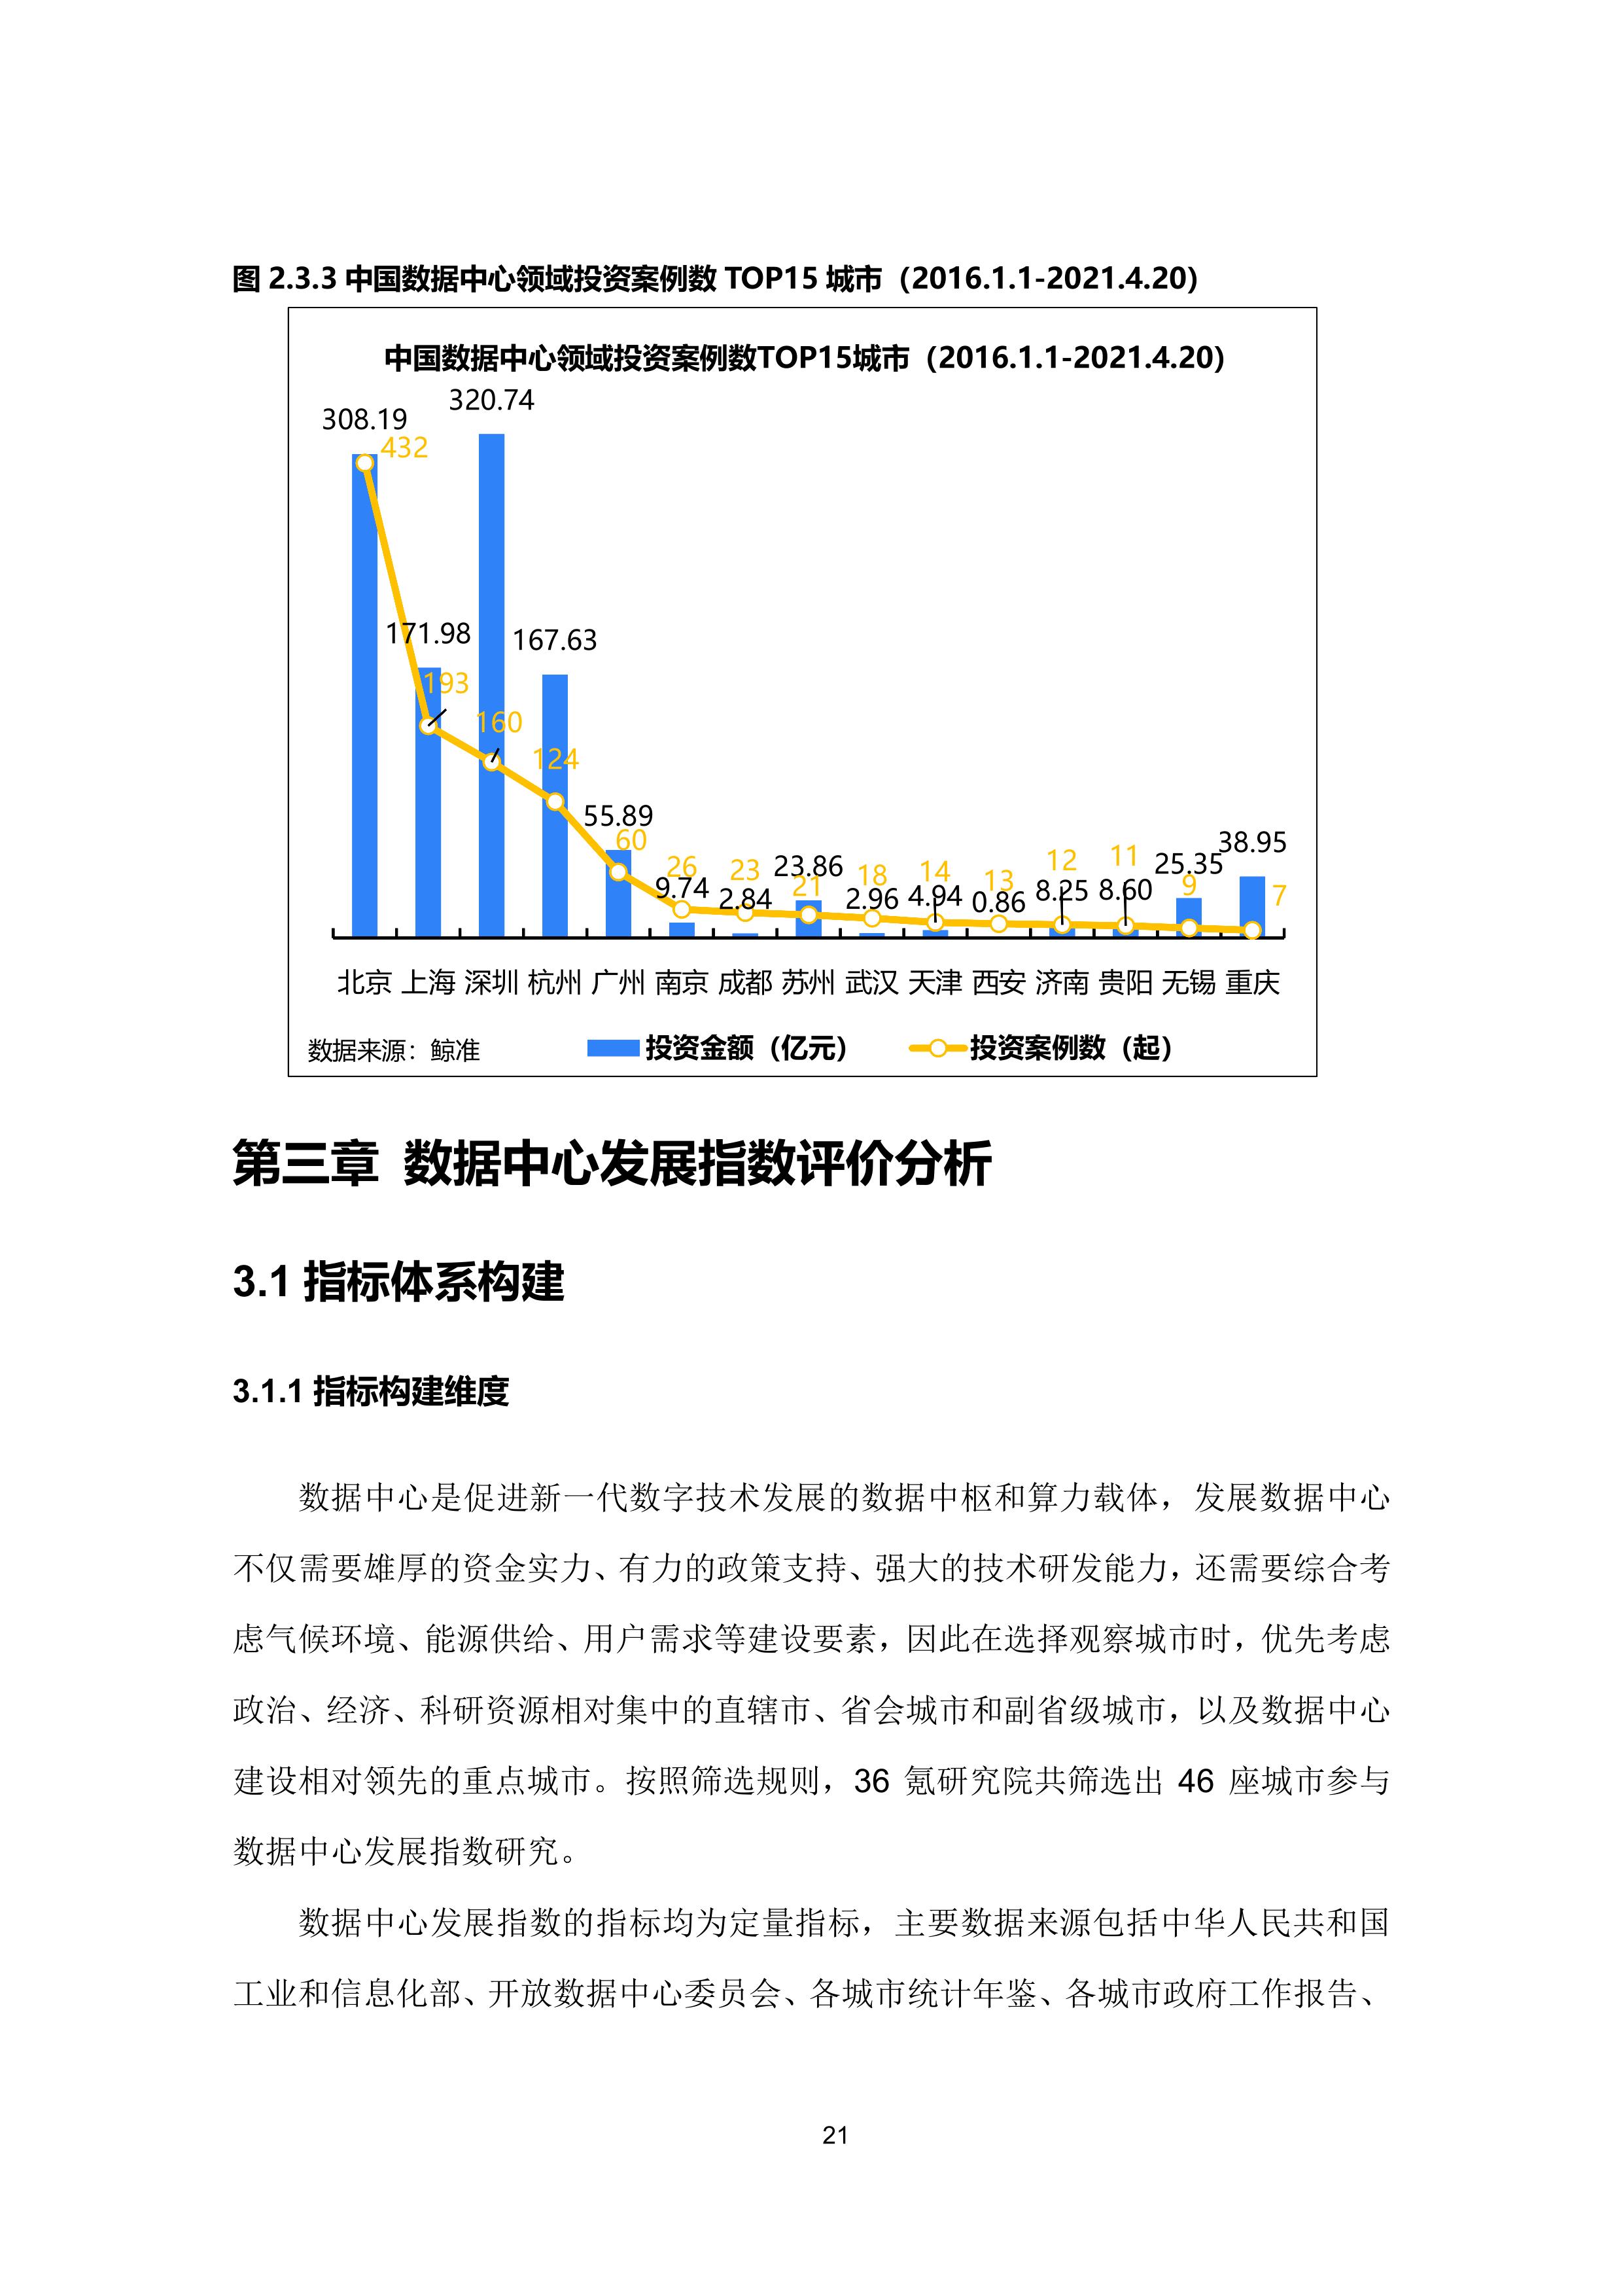 36氪研究院 - 新基建系列之:2020年中国城市数据中心发展指数报告-大菠萝官网(图32)